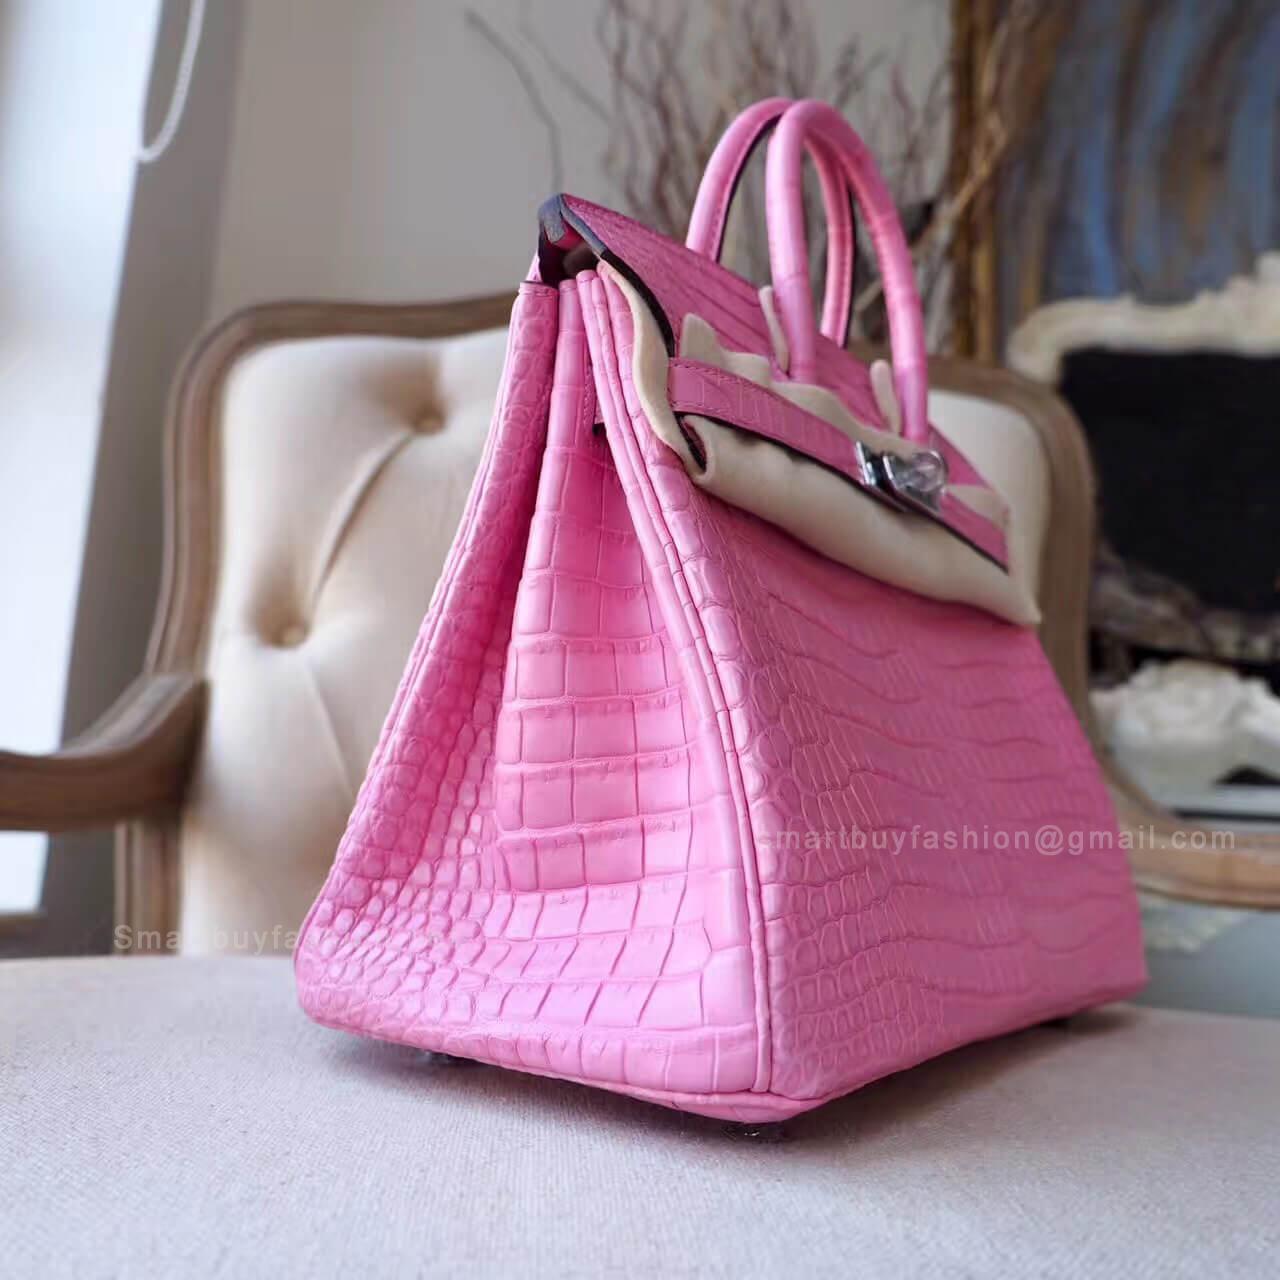 8b664264fb8d Hermes Birkin 25 Bag in 5p Pink Matte Porosus Croc PHW - Hermes Replica